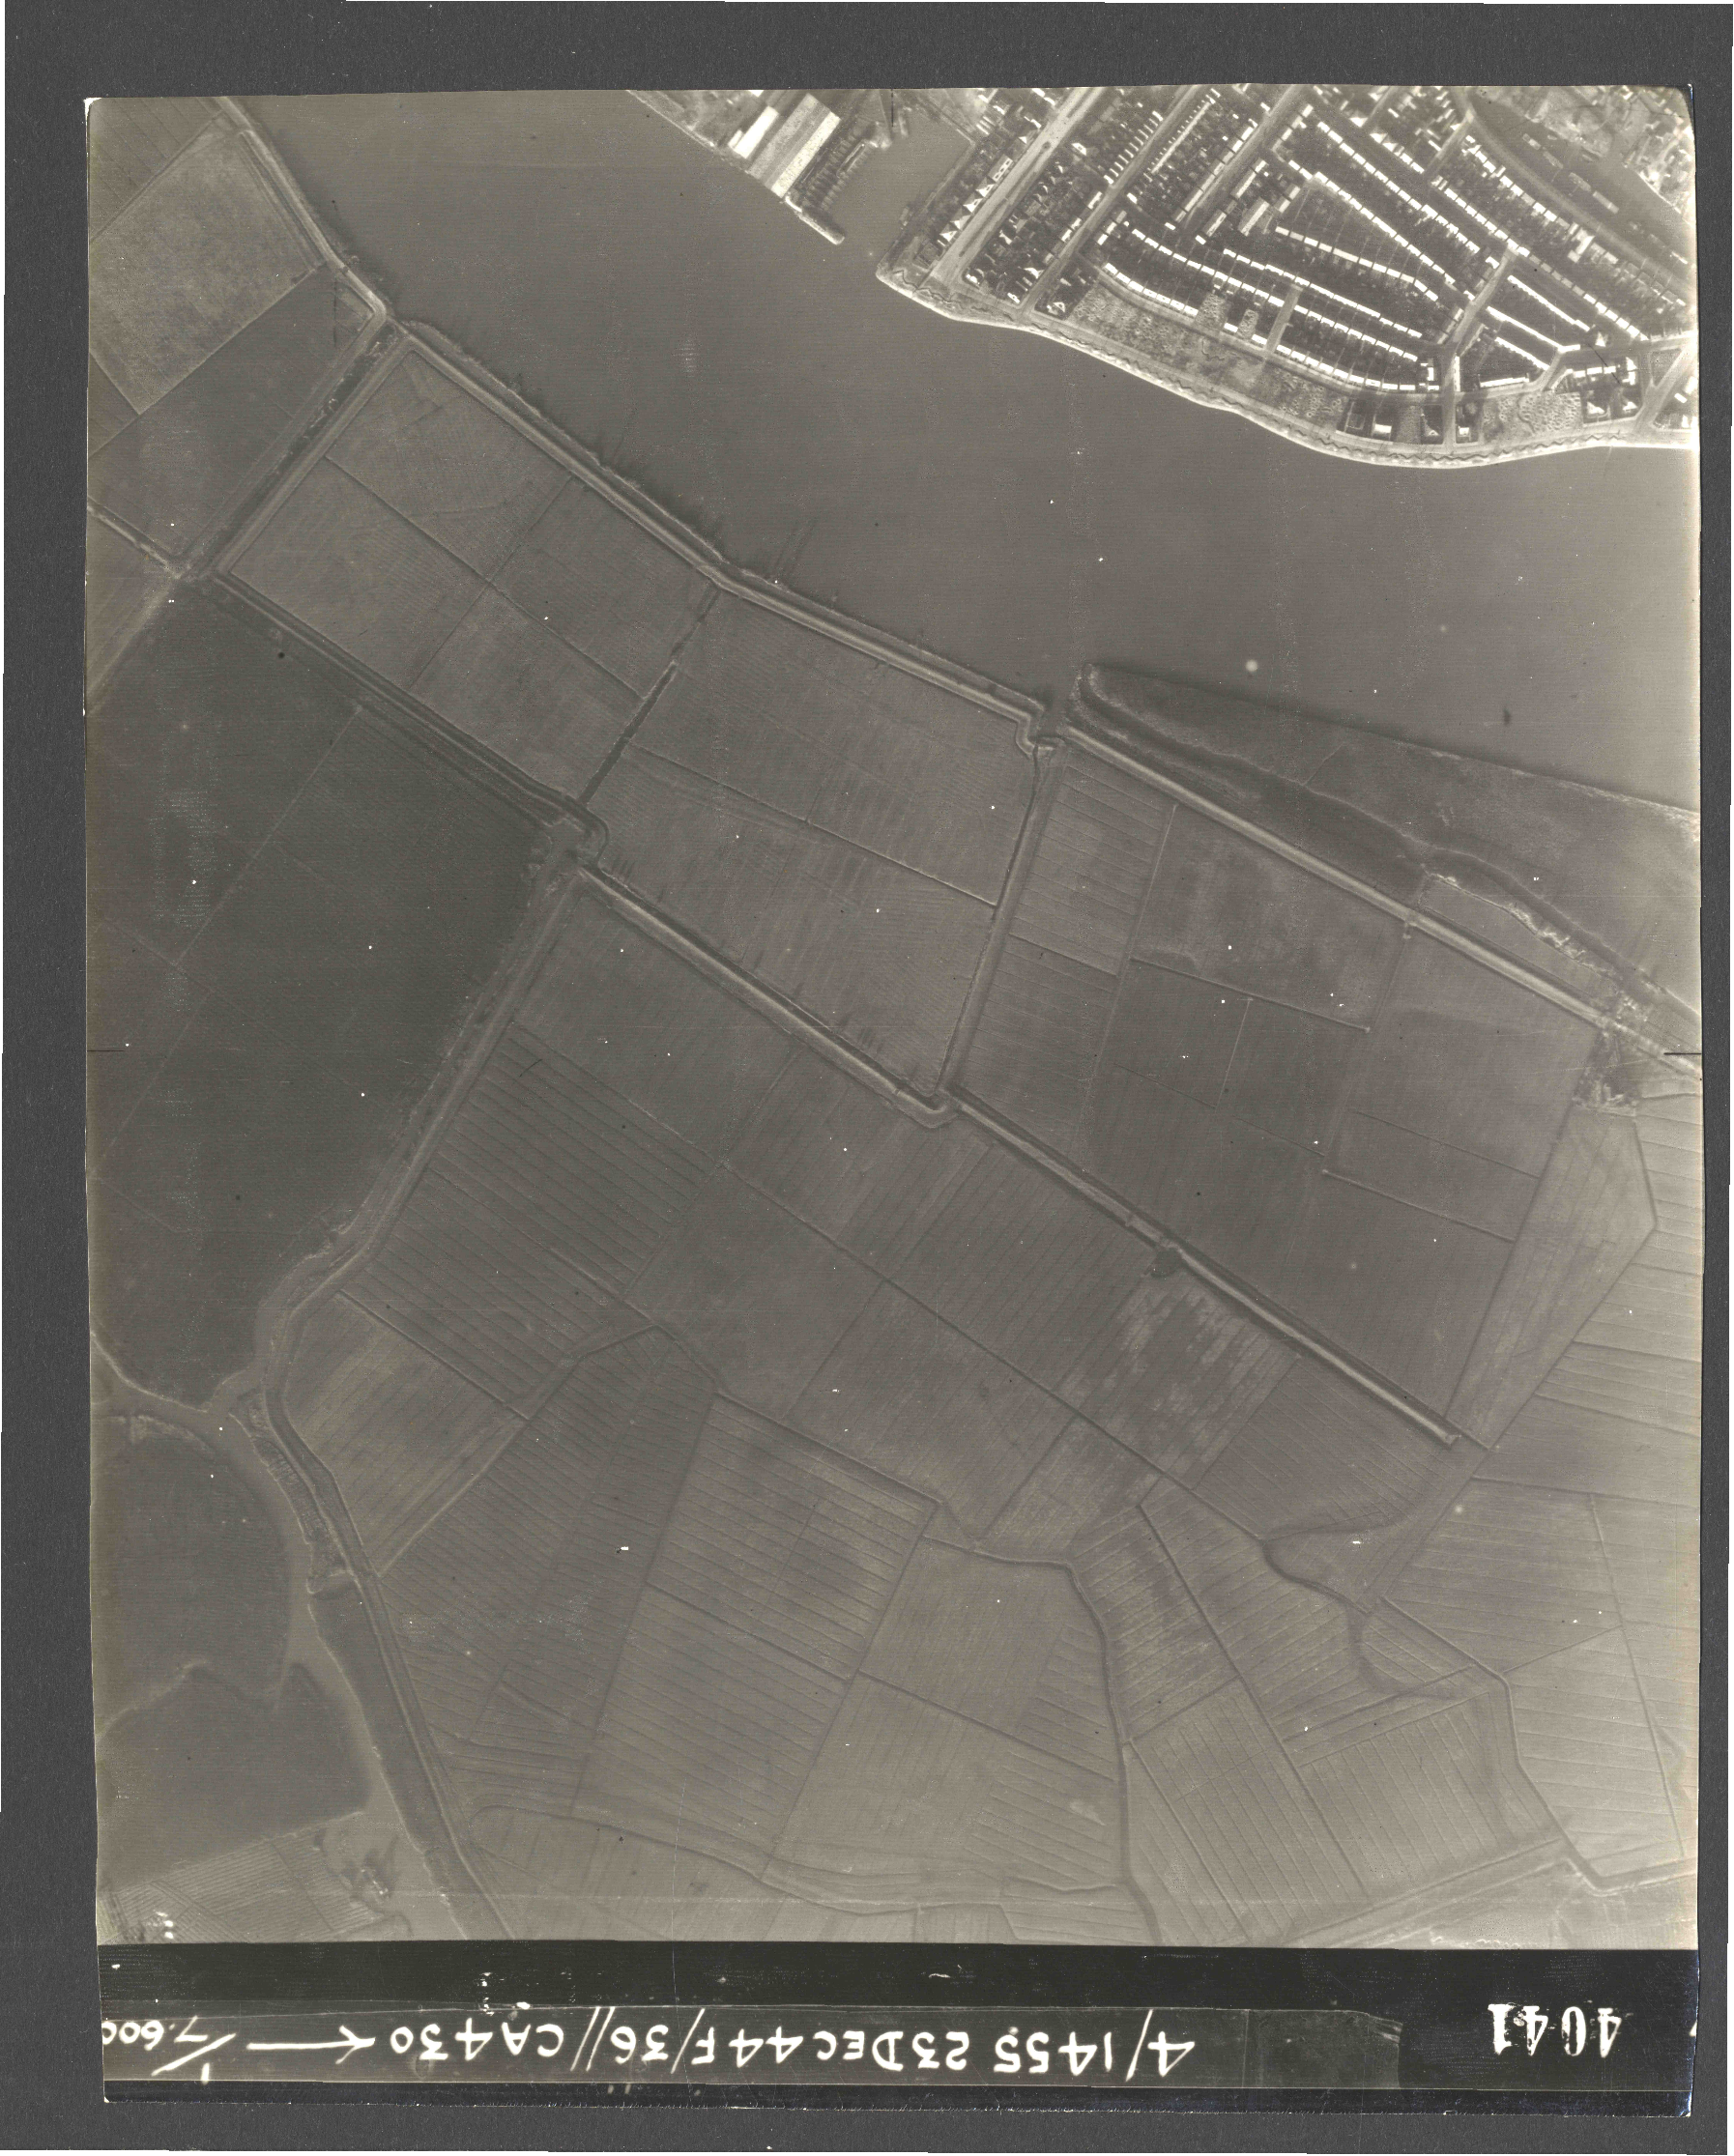 Collection RAF aerial photos 1940-1945 - flight 051, run 08, photo 4041